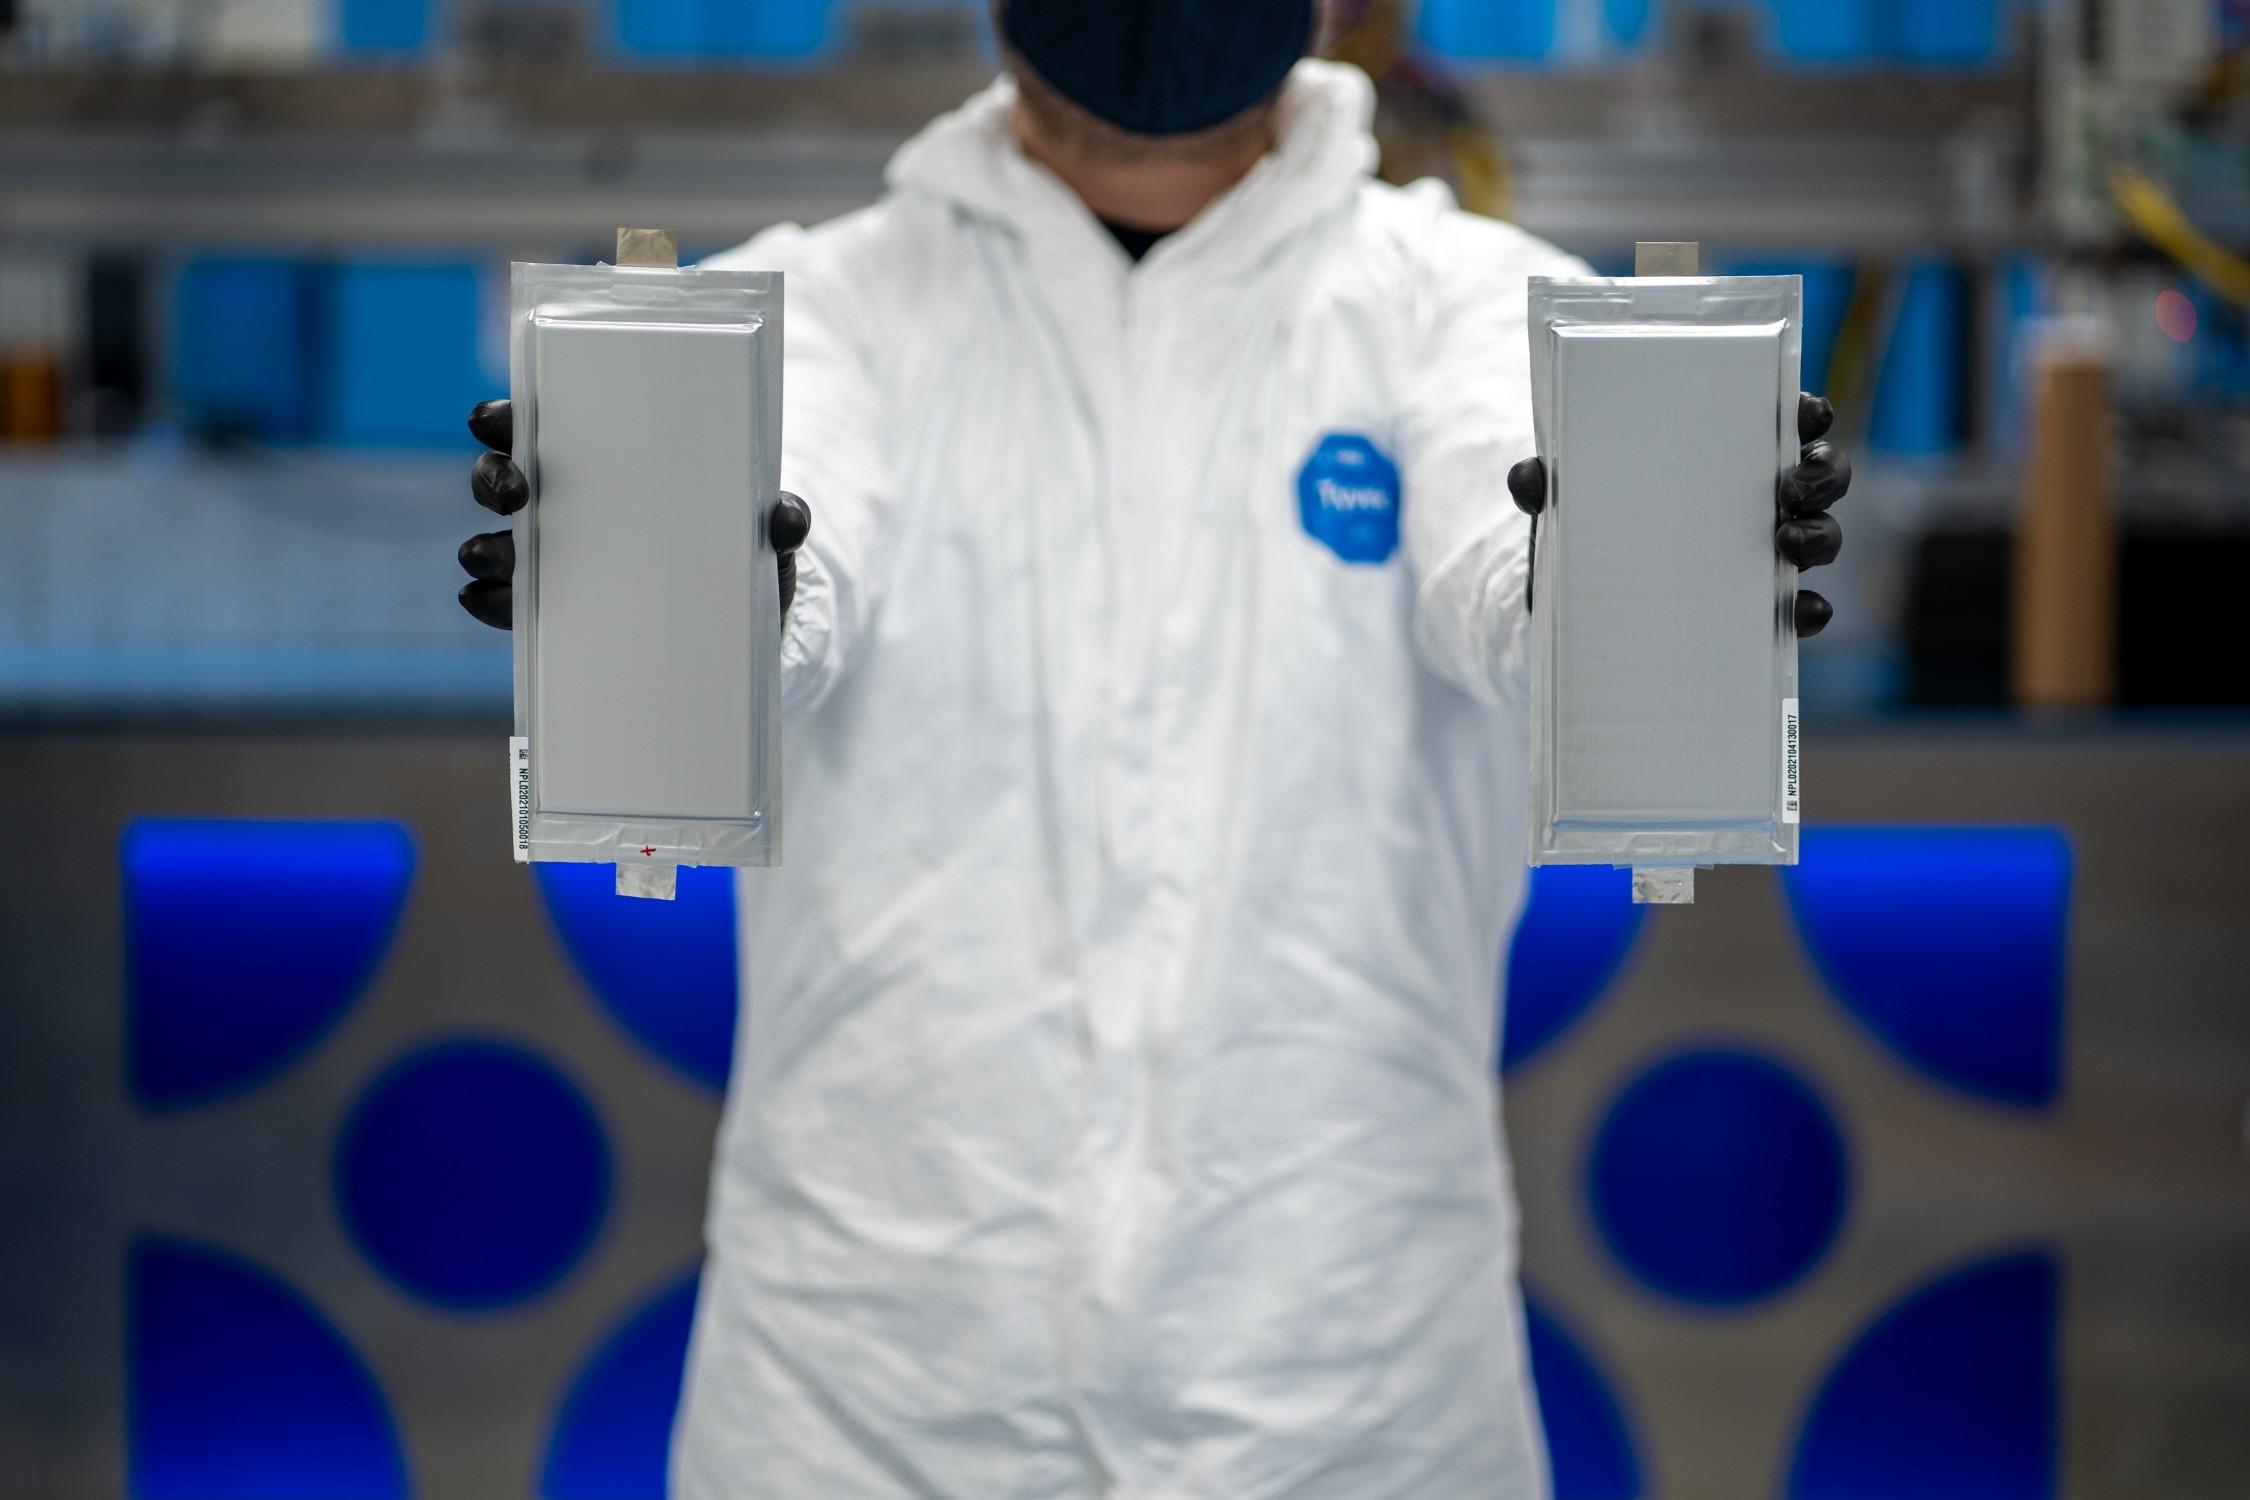 宝马集团投资固态电池新创企业 可持续发展作为宝马集团战略核心